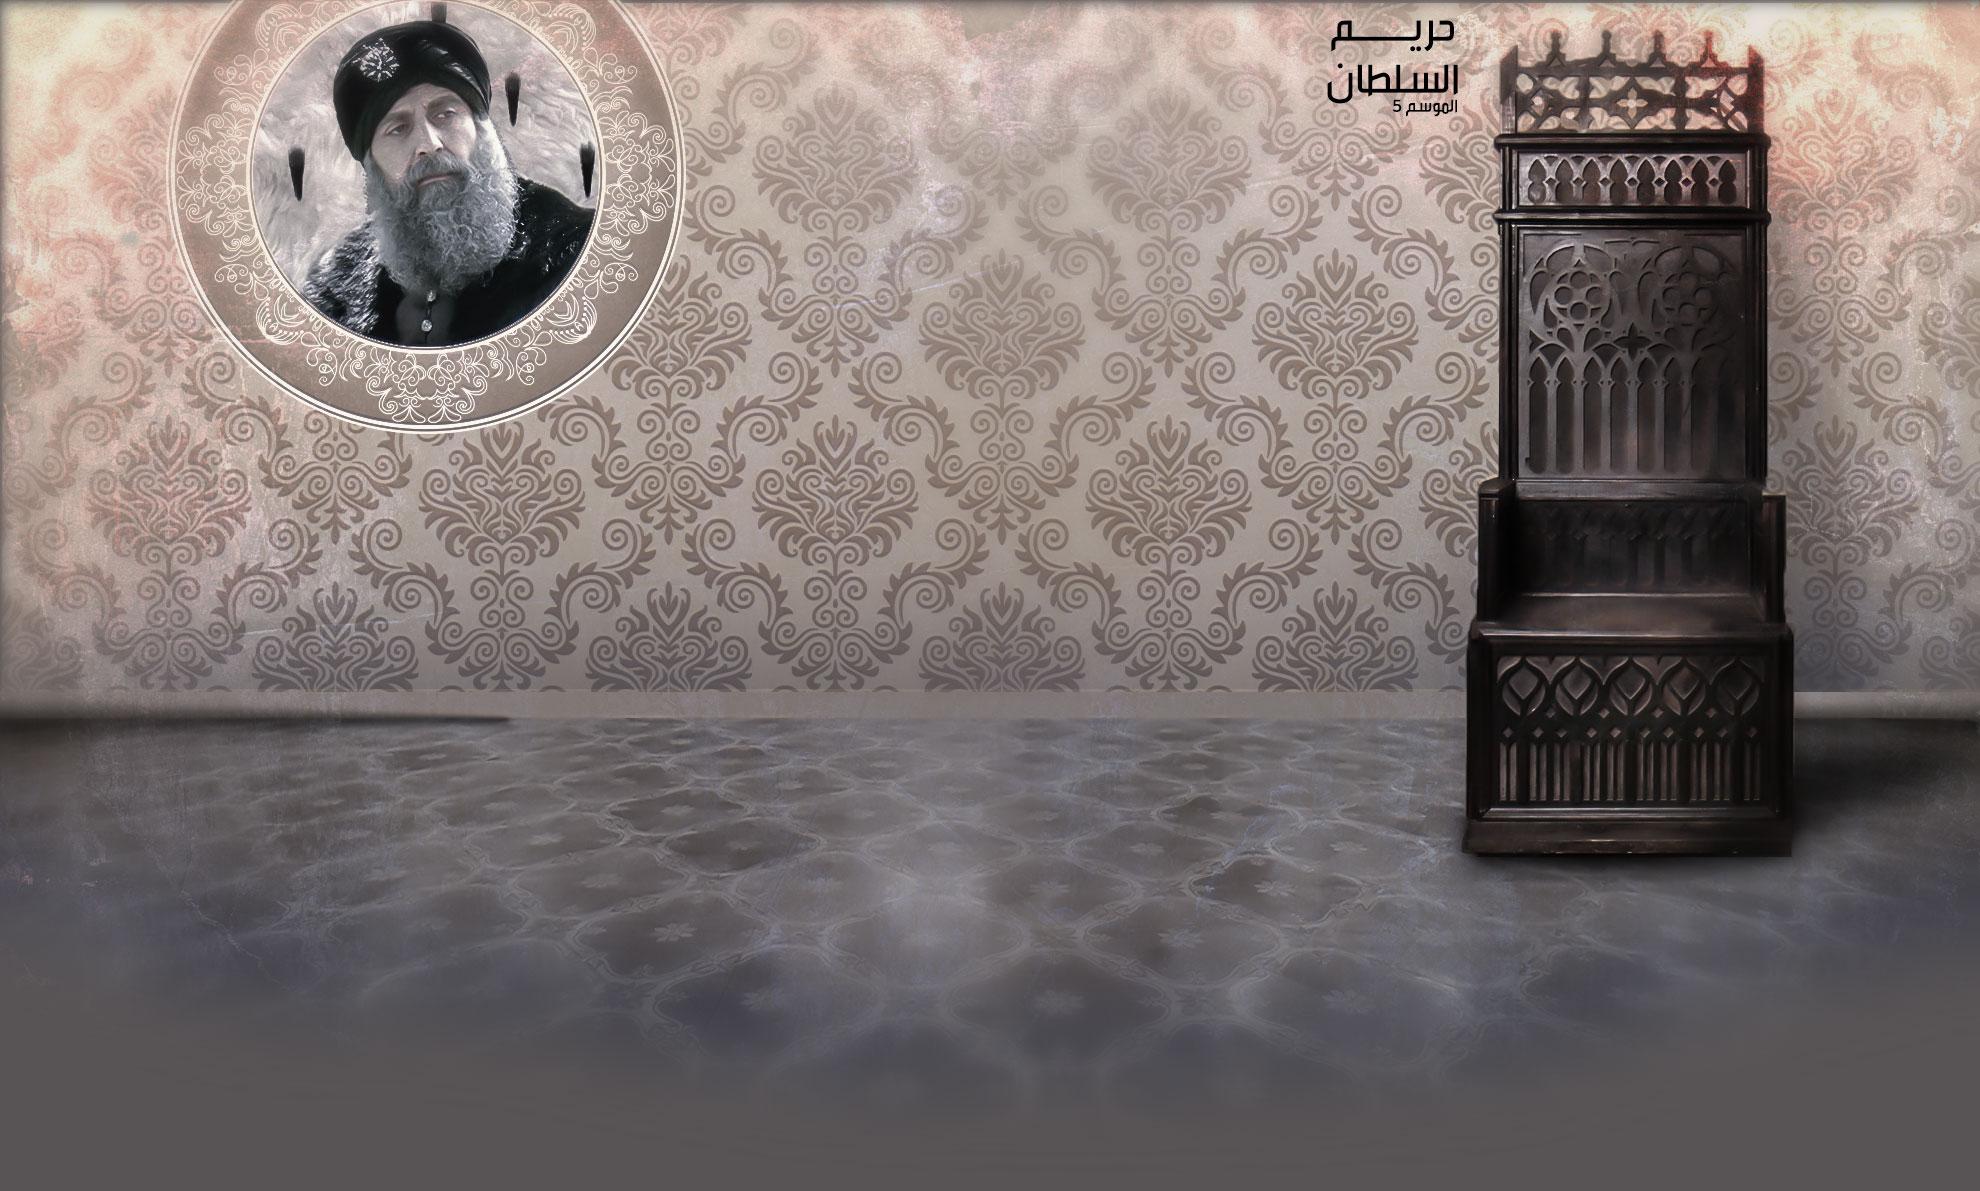 قصة وأحداث مسلسل حريم السلطان الجزء الخامس 2017